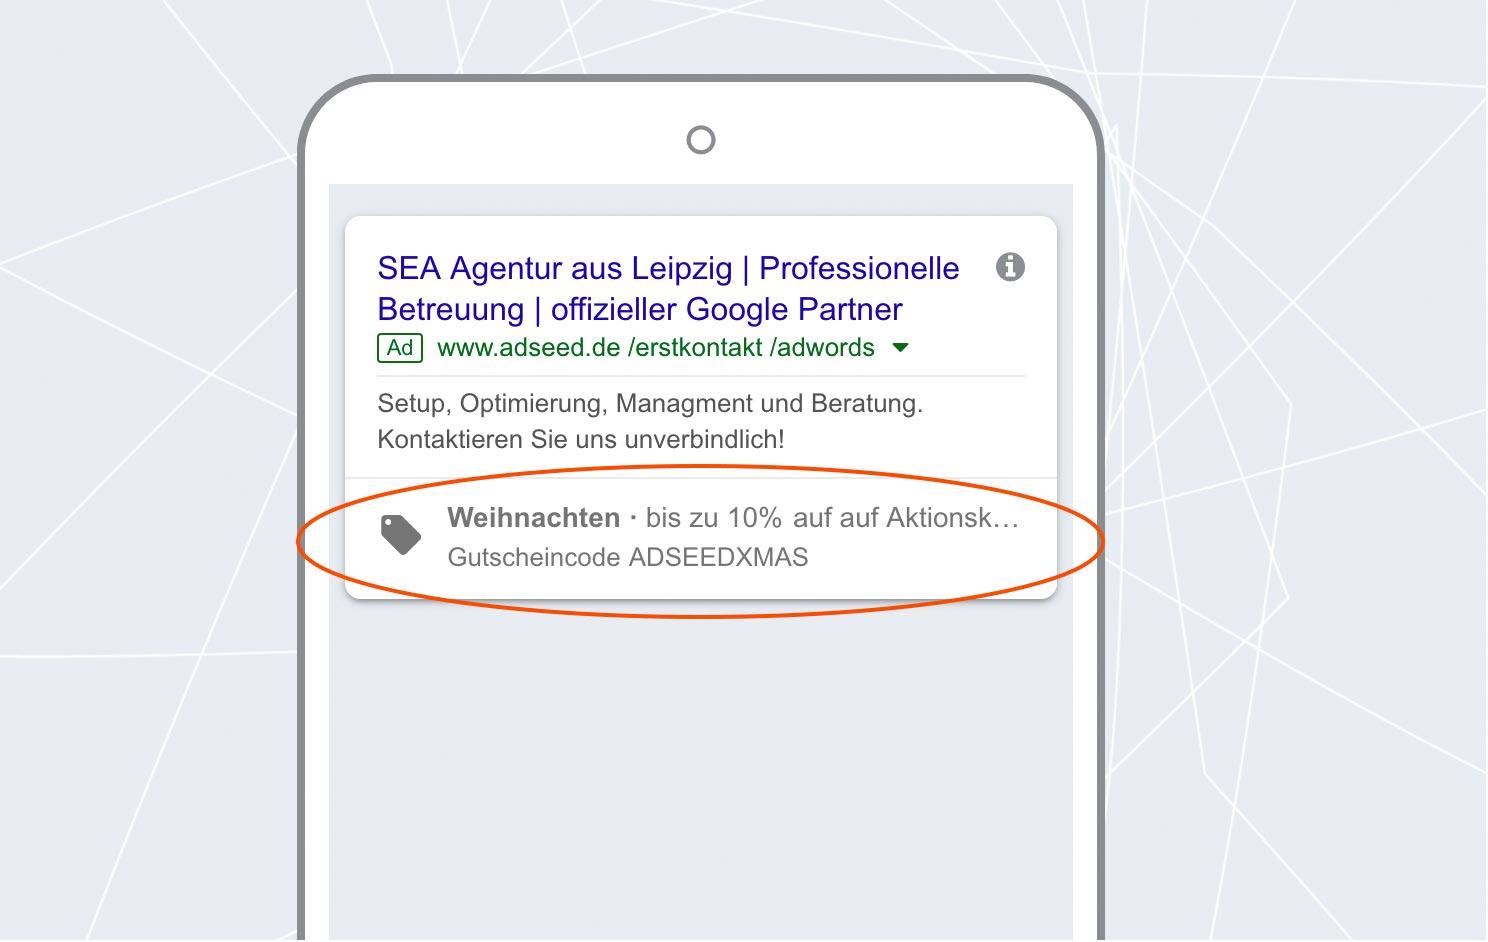 adseed - Google Ads Anzeige Angebotserweiterung Mobil